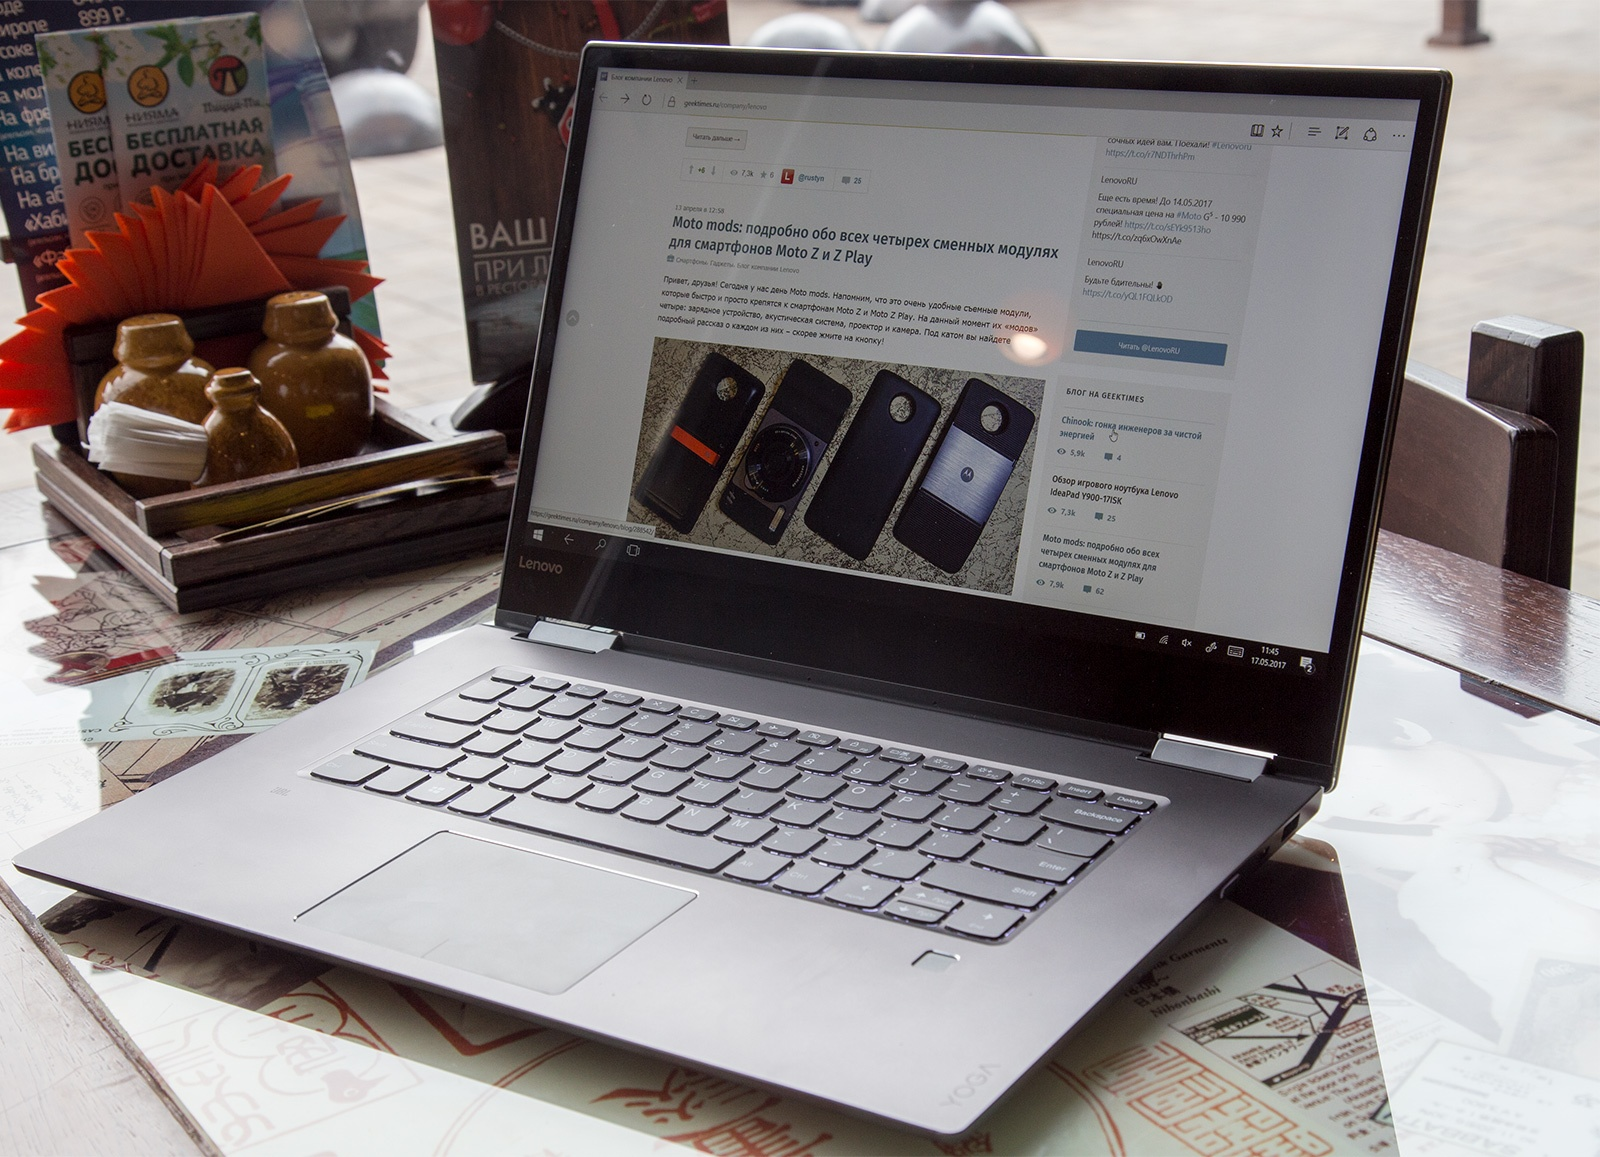 Универсальный Йог. Обзор ноутбука-трансформера Lenovo Yoga 720 - 11